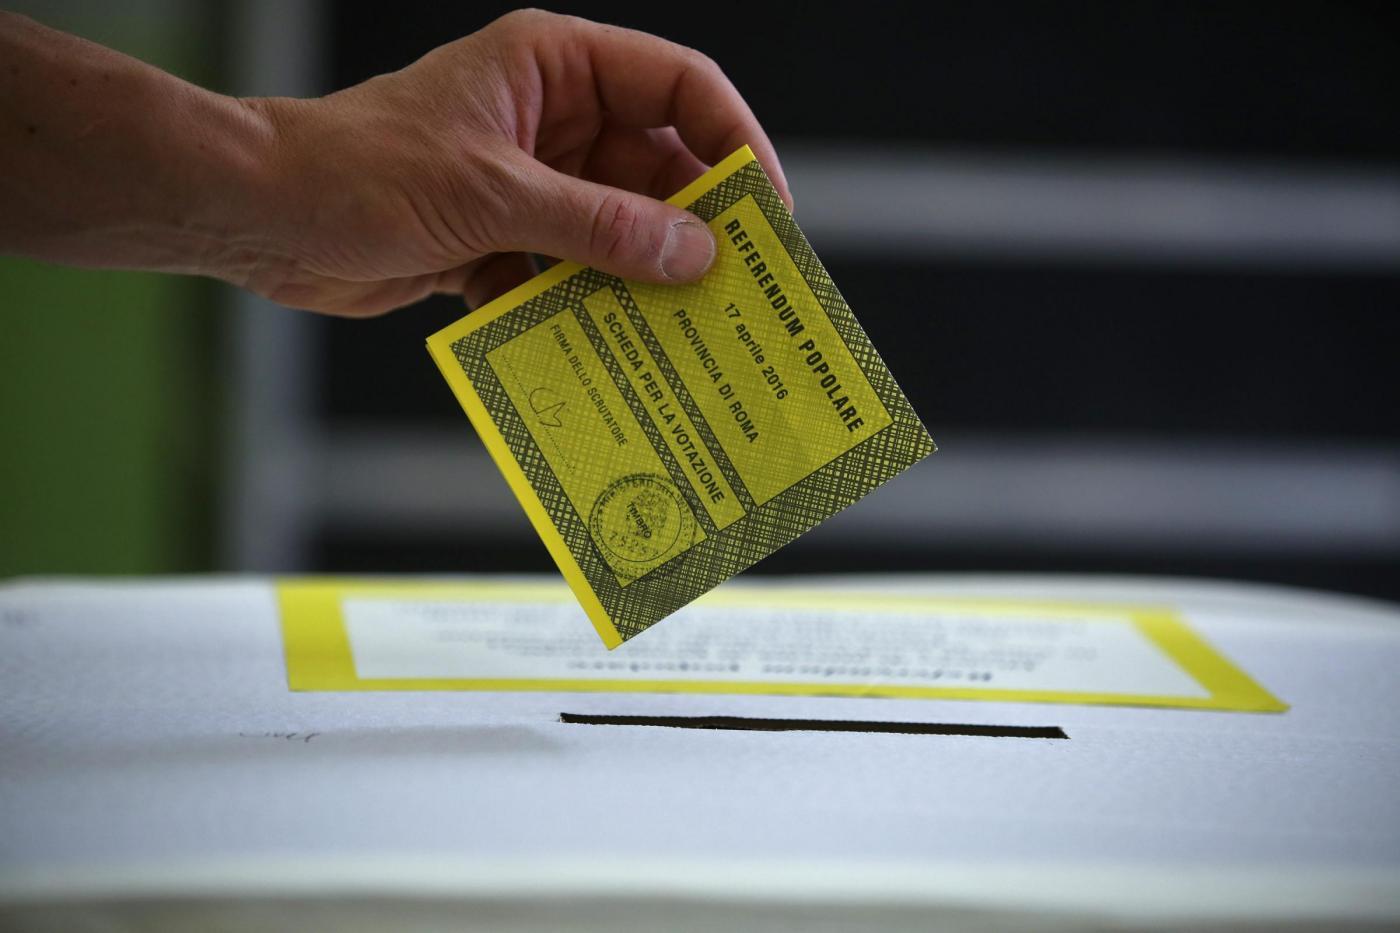 Voto sul referendum